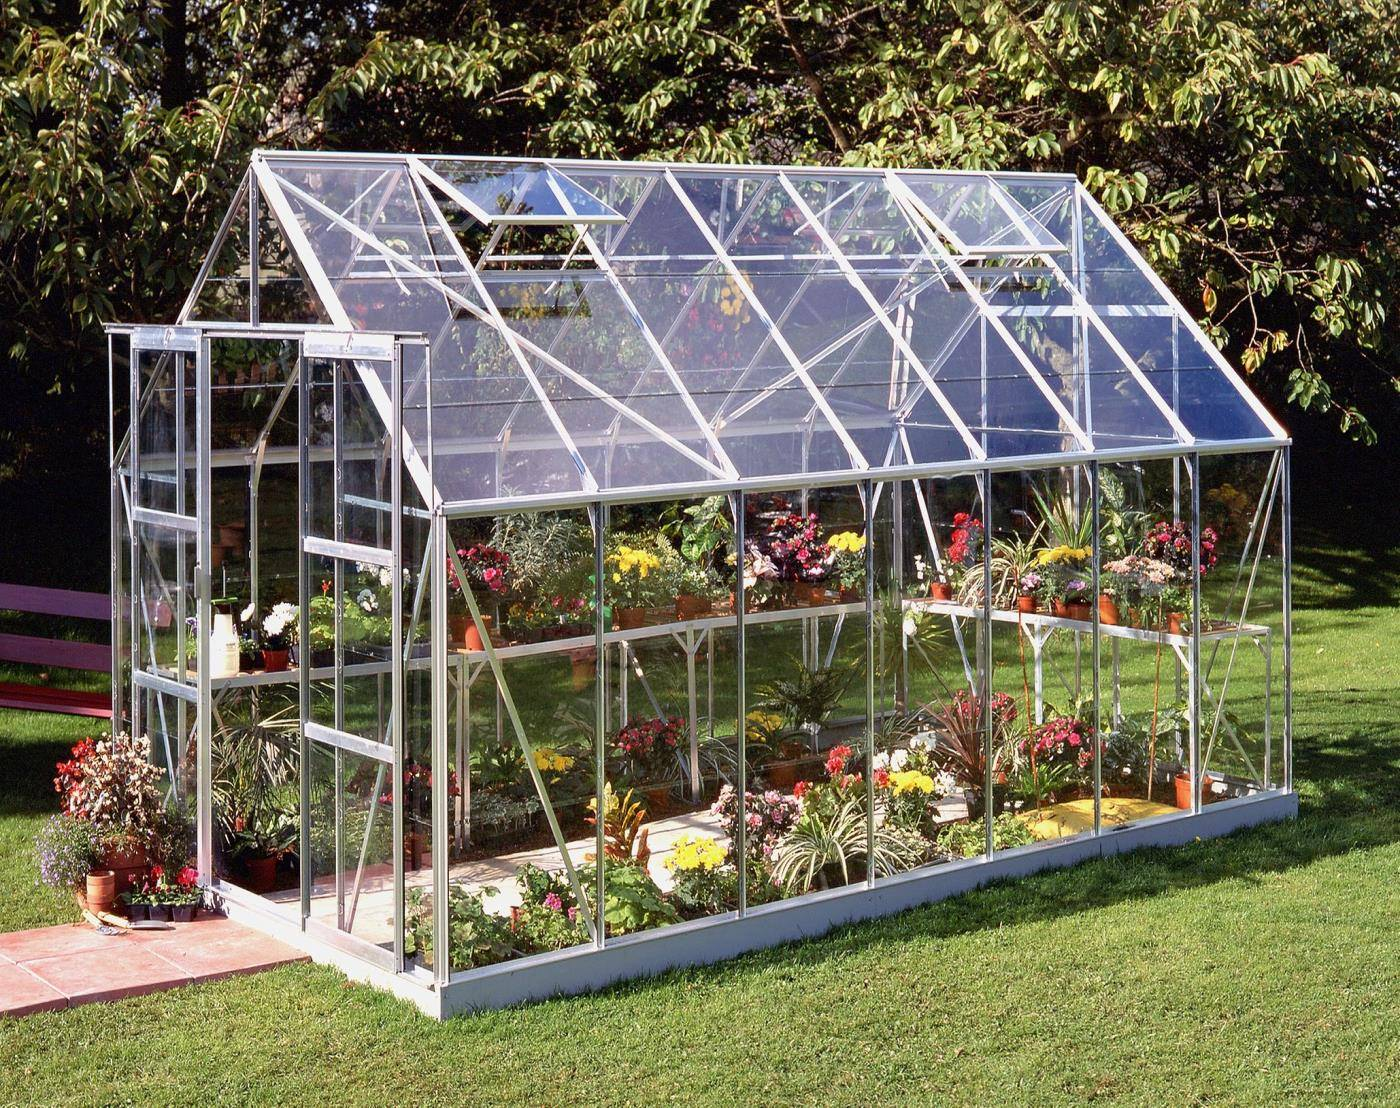 Делаем теплицу из стекла: пошаговое возведение различных стеклянных конструкций